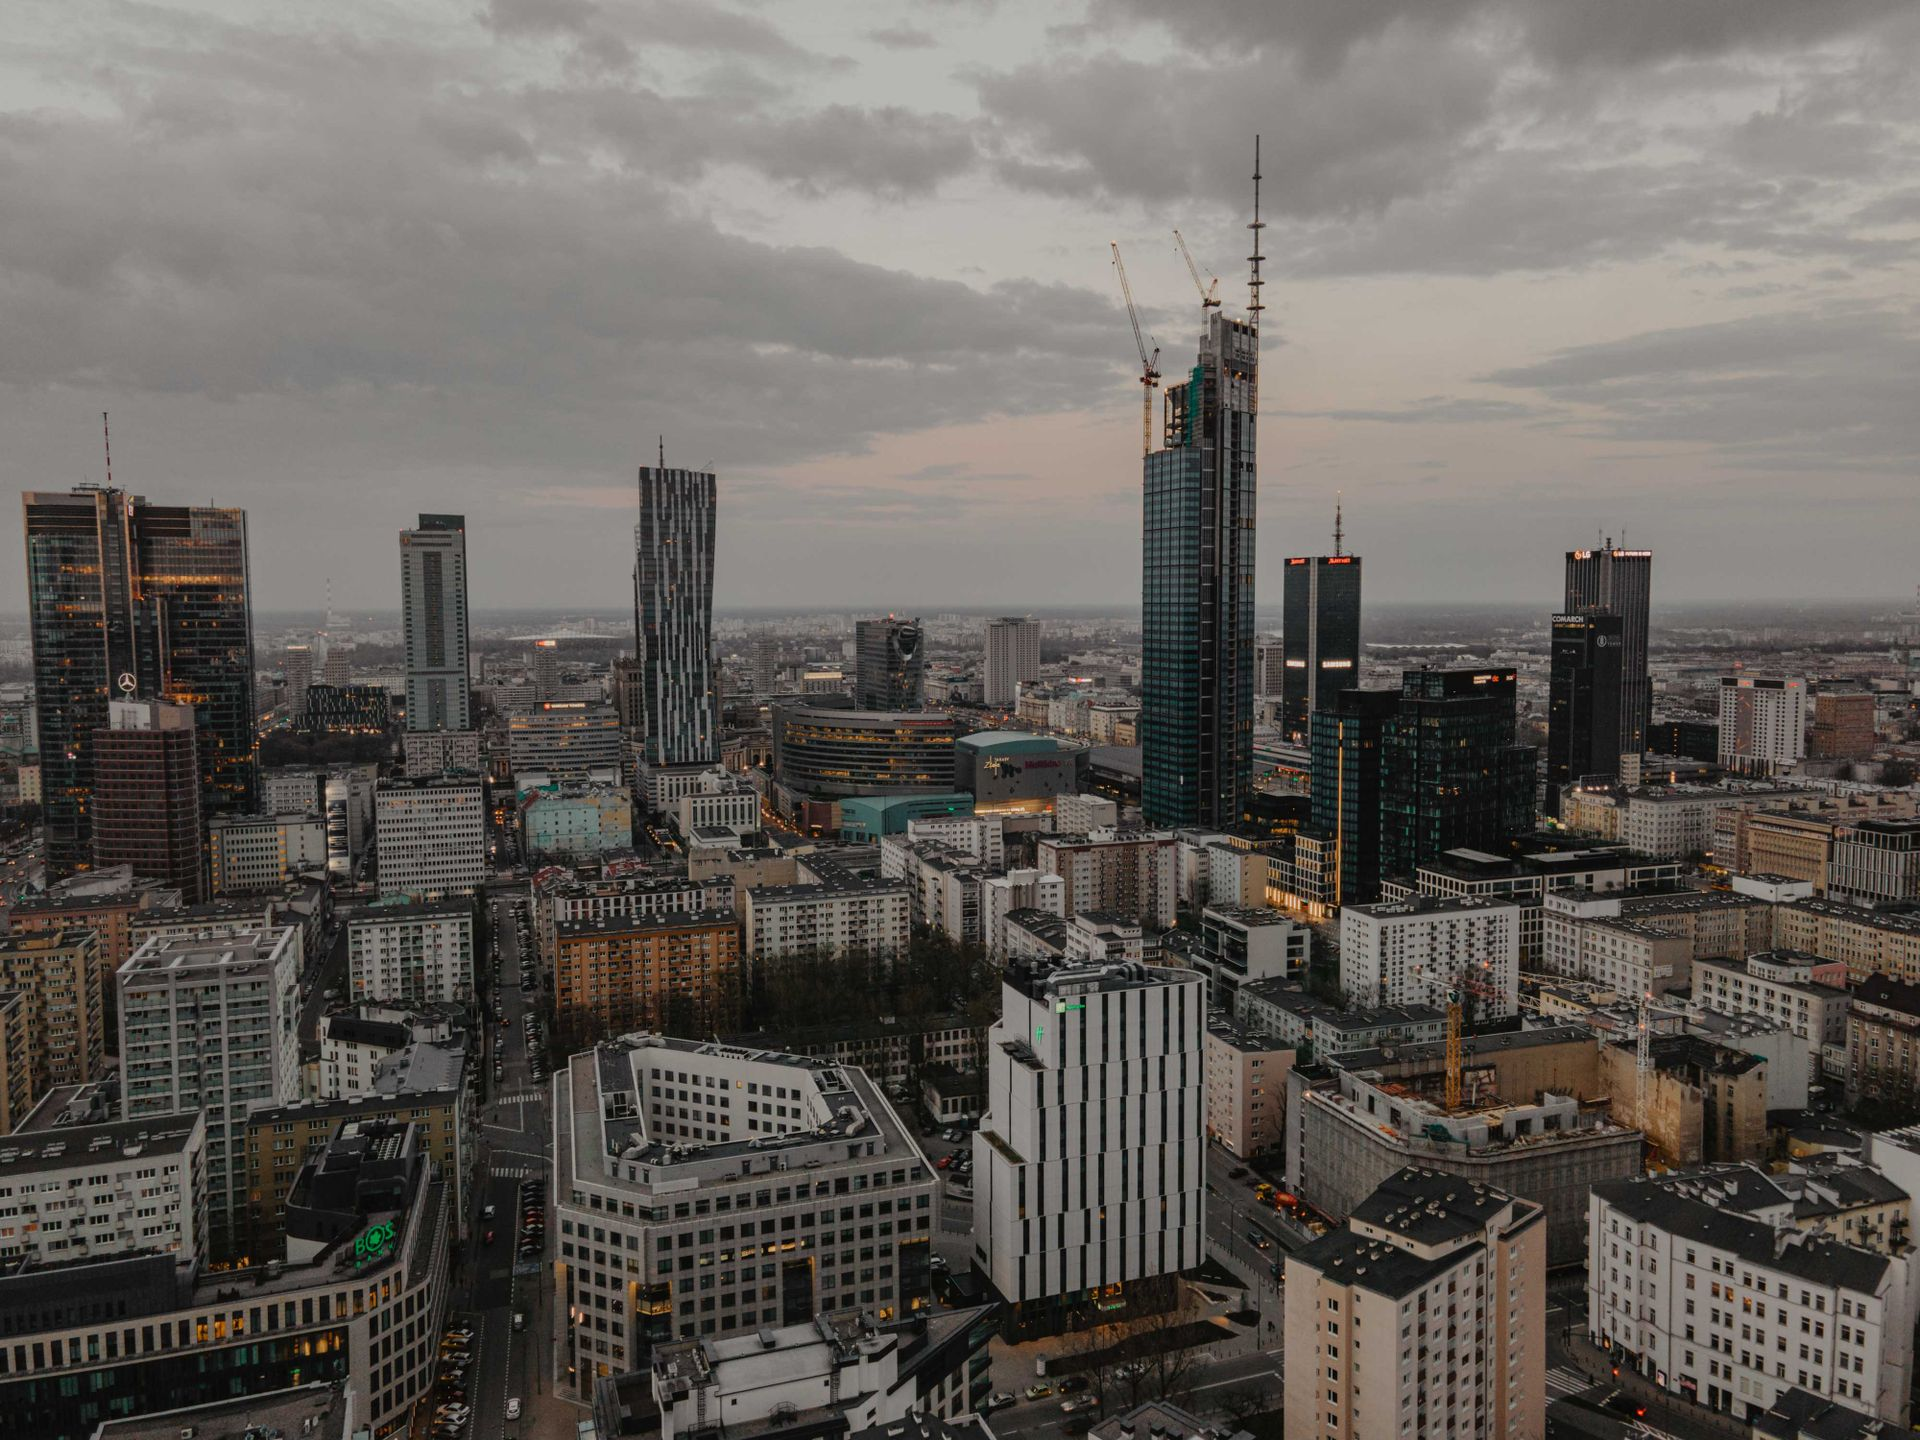 W centrum Warszawy trwa budowa 310-metrowego wieżowca Varso Tower